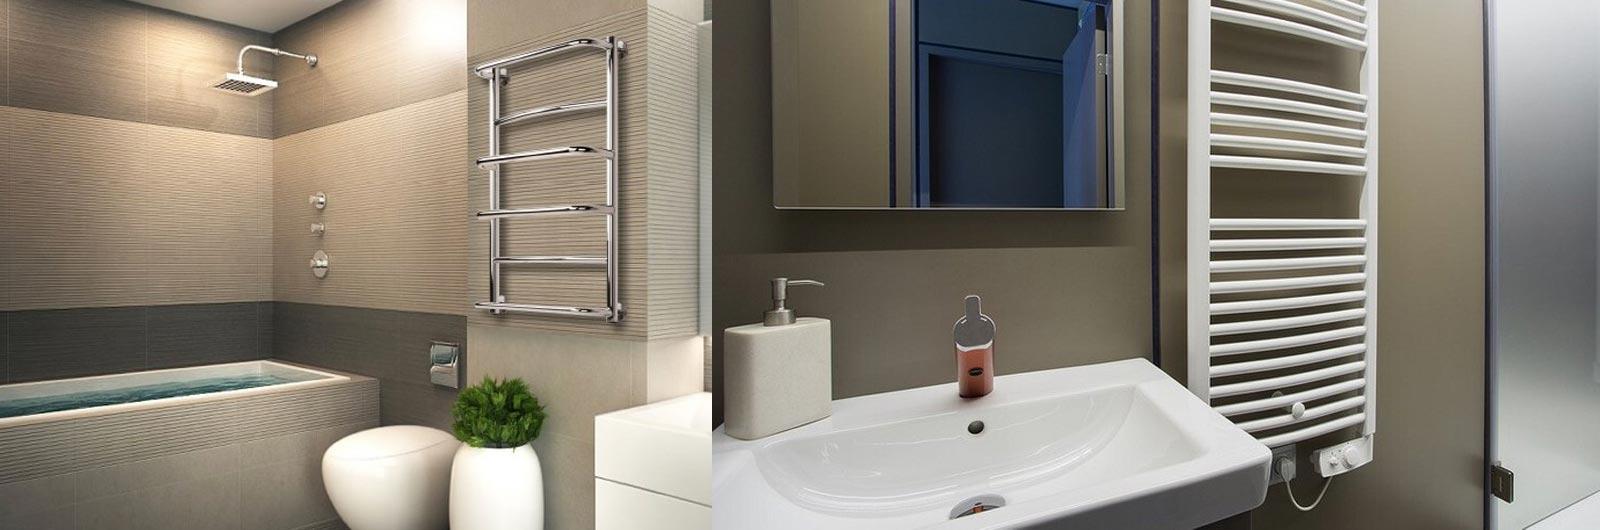 водяной или электрический полотенцесушитель выбрать